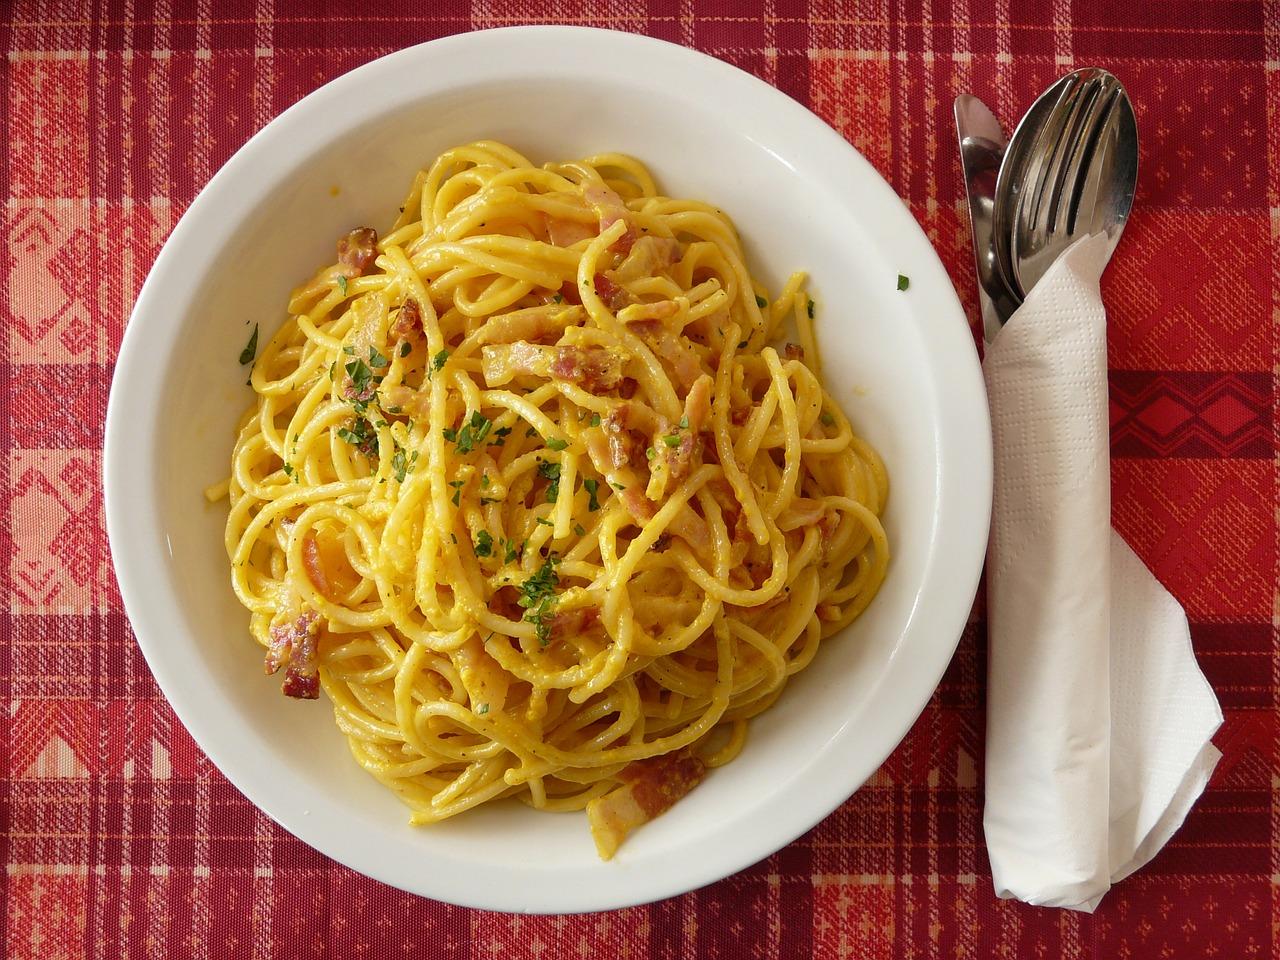 Riscopri la cucina tradizionale italiana! - I Cook!